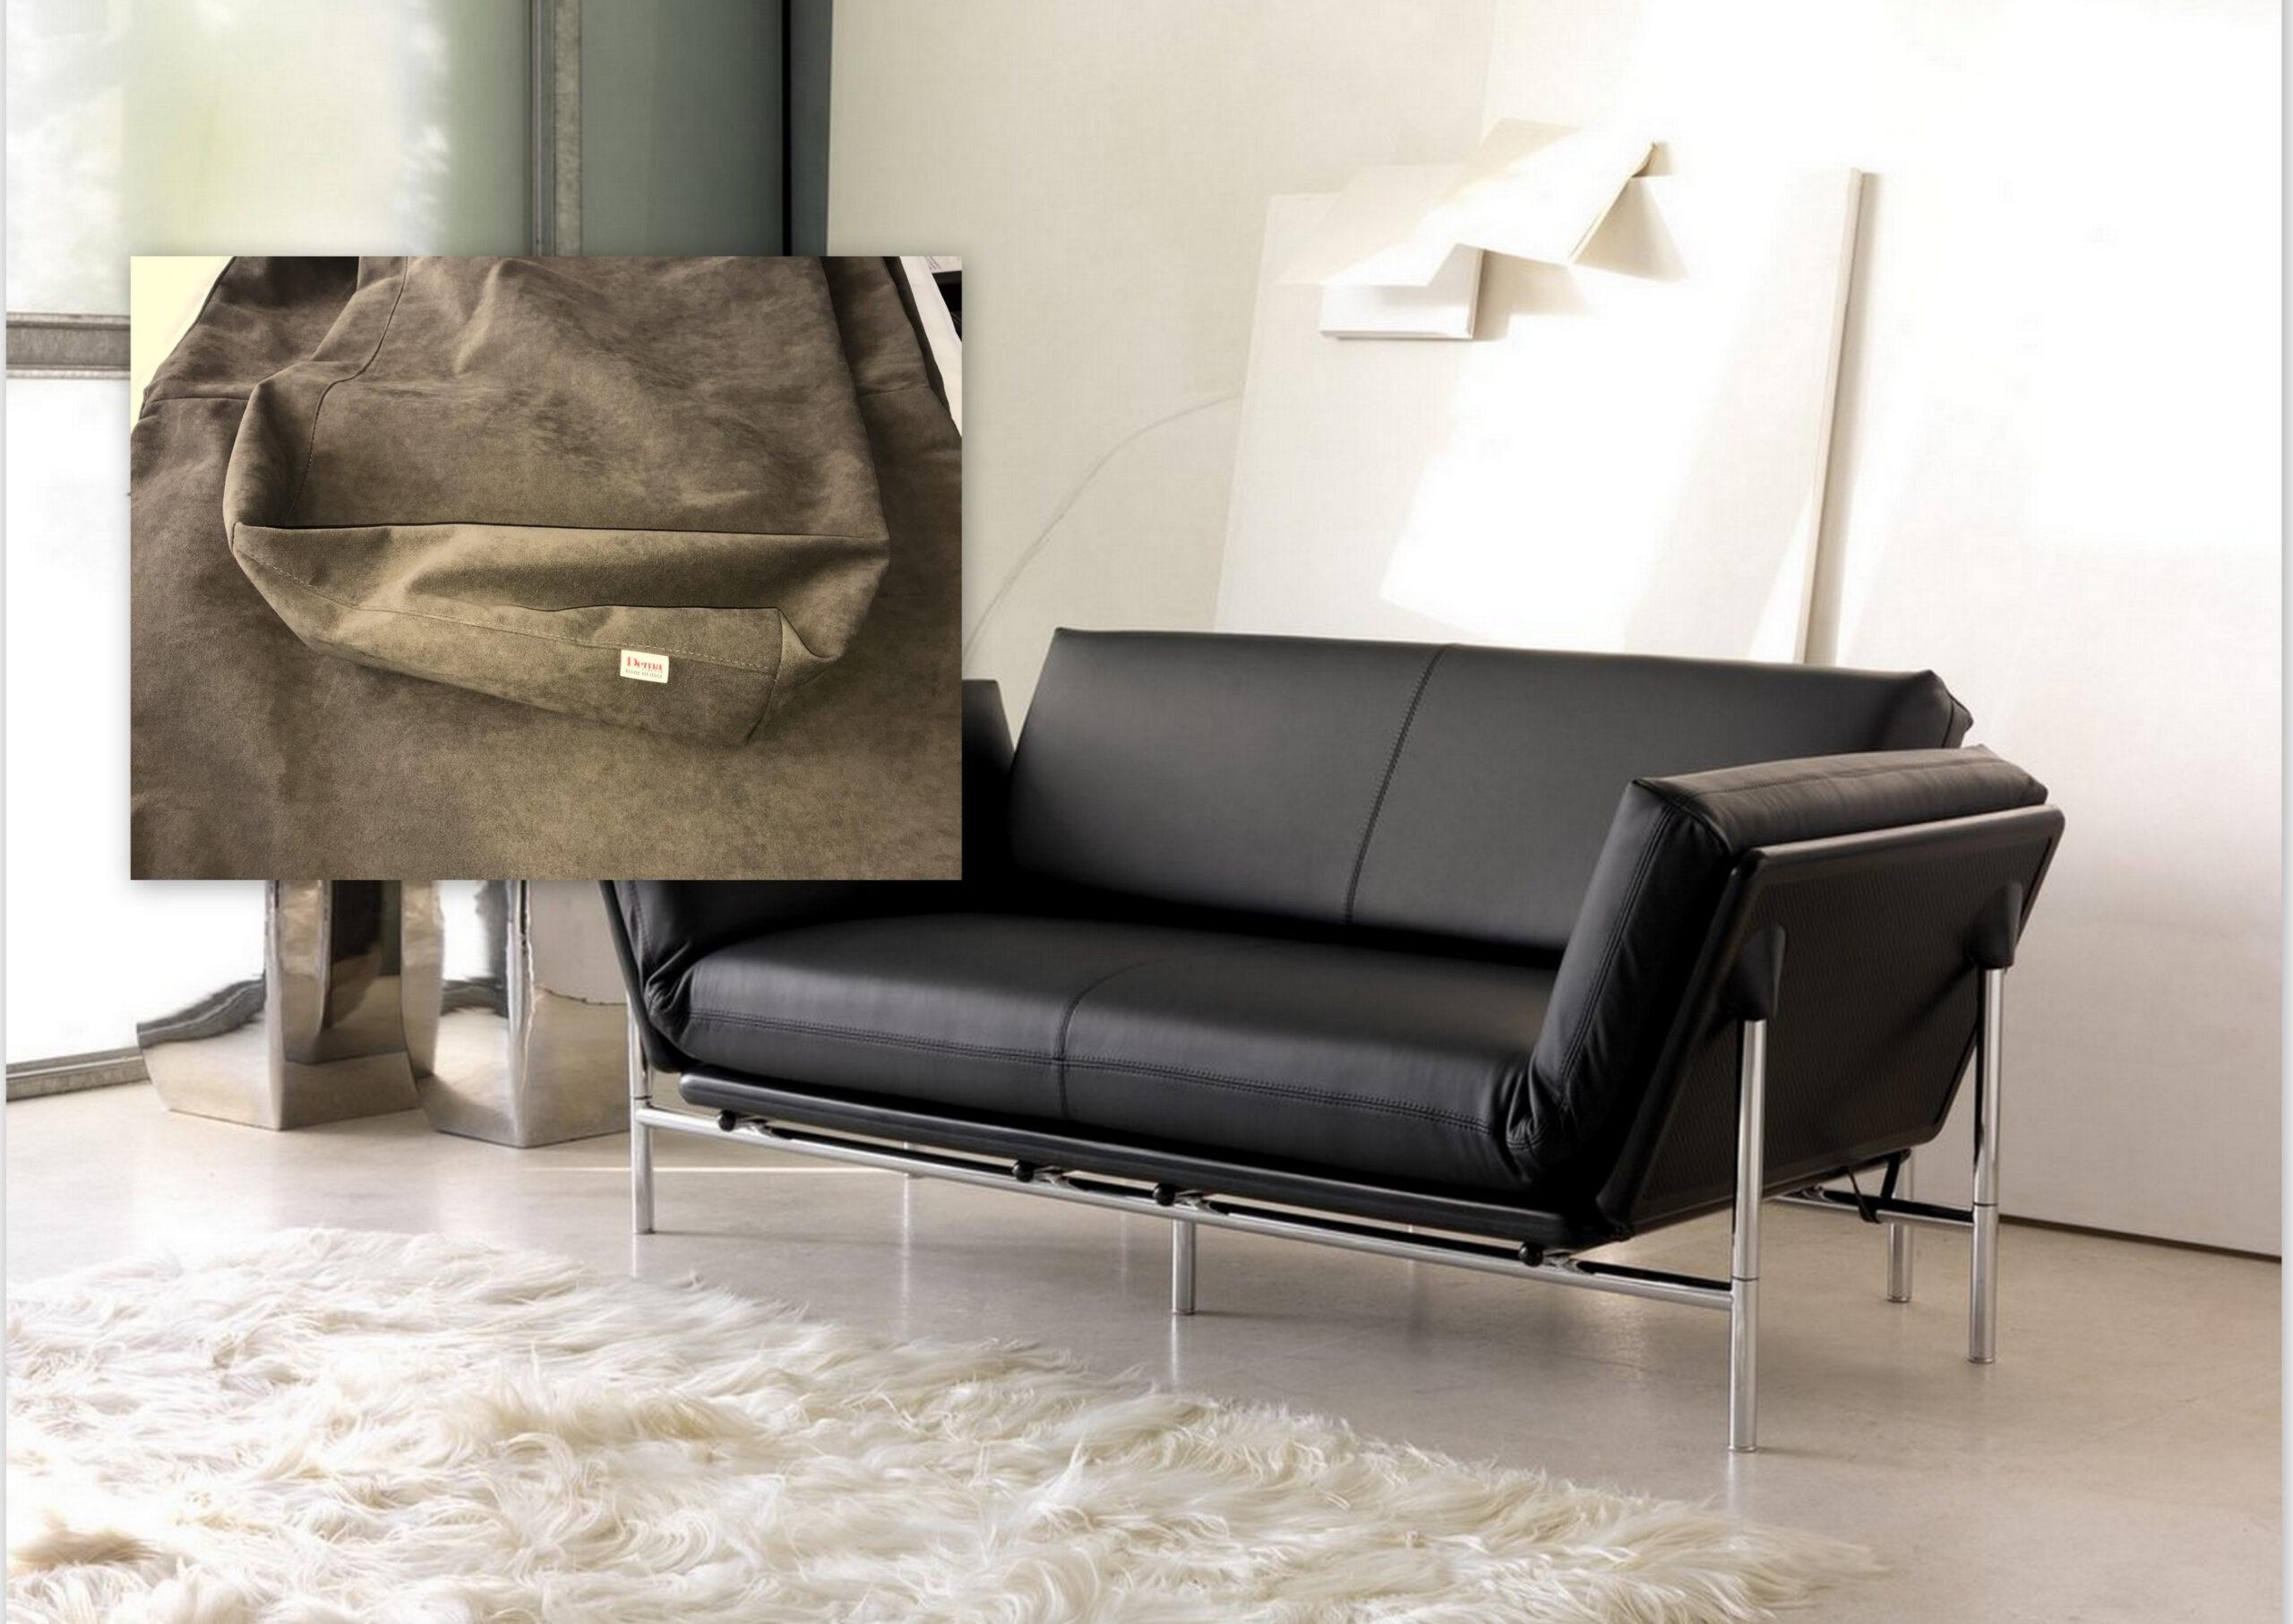 Full Size of Alcantara Sofa Couch Reinigen Cleaner Bed Sofascore Reinigung Lassen Kaufen Günstig Schillig Lagerverkauf Rotes Wohnlandschaft Big L Form Weiß Grau Schlaf Sofa Alcantara Sofa